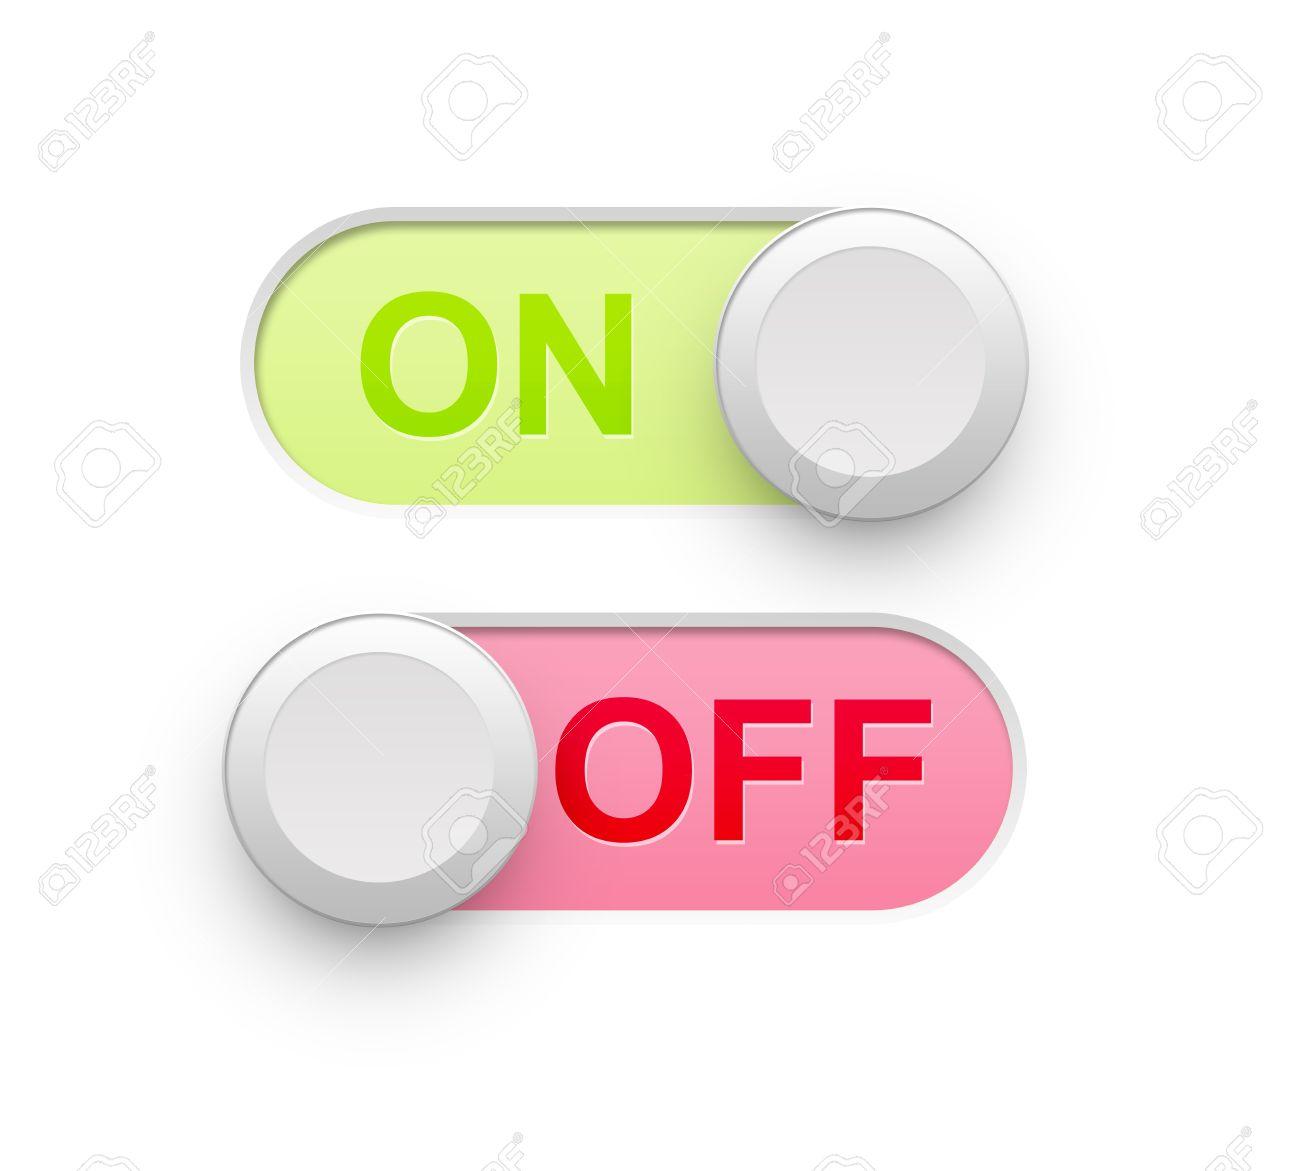 Realistische Ein Aus Schalter Icon Illustration Hochauflösende ...